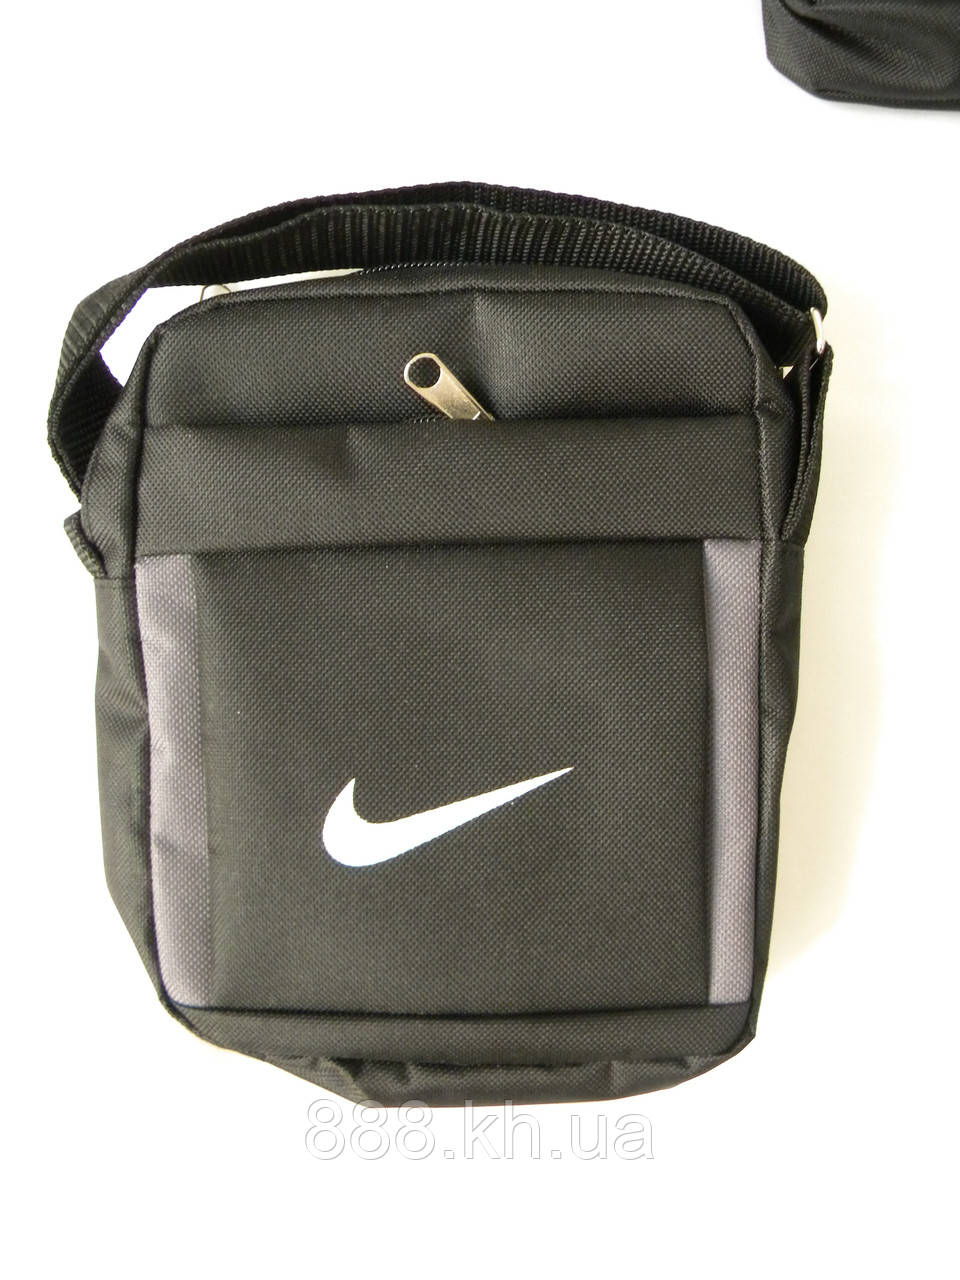 d2a7988ba90c Мужская сумка через плече Nike, чоловiчi сумки Найк, молодежная сумка через  плече, сумка